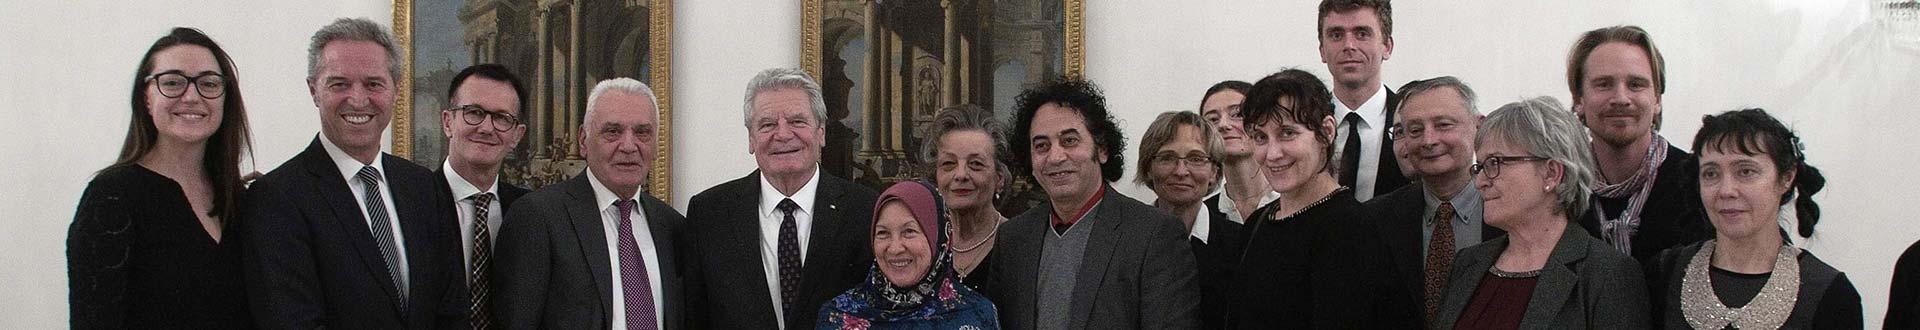 VAP beim Bundespräsidenten im Schloss Bellevue